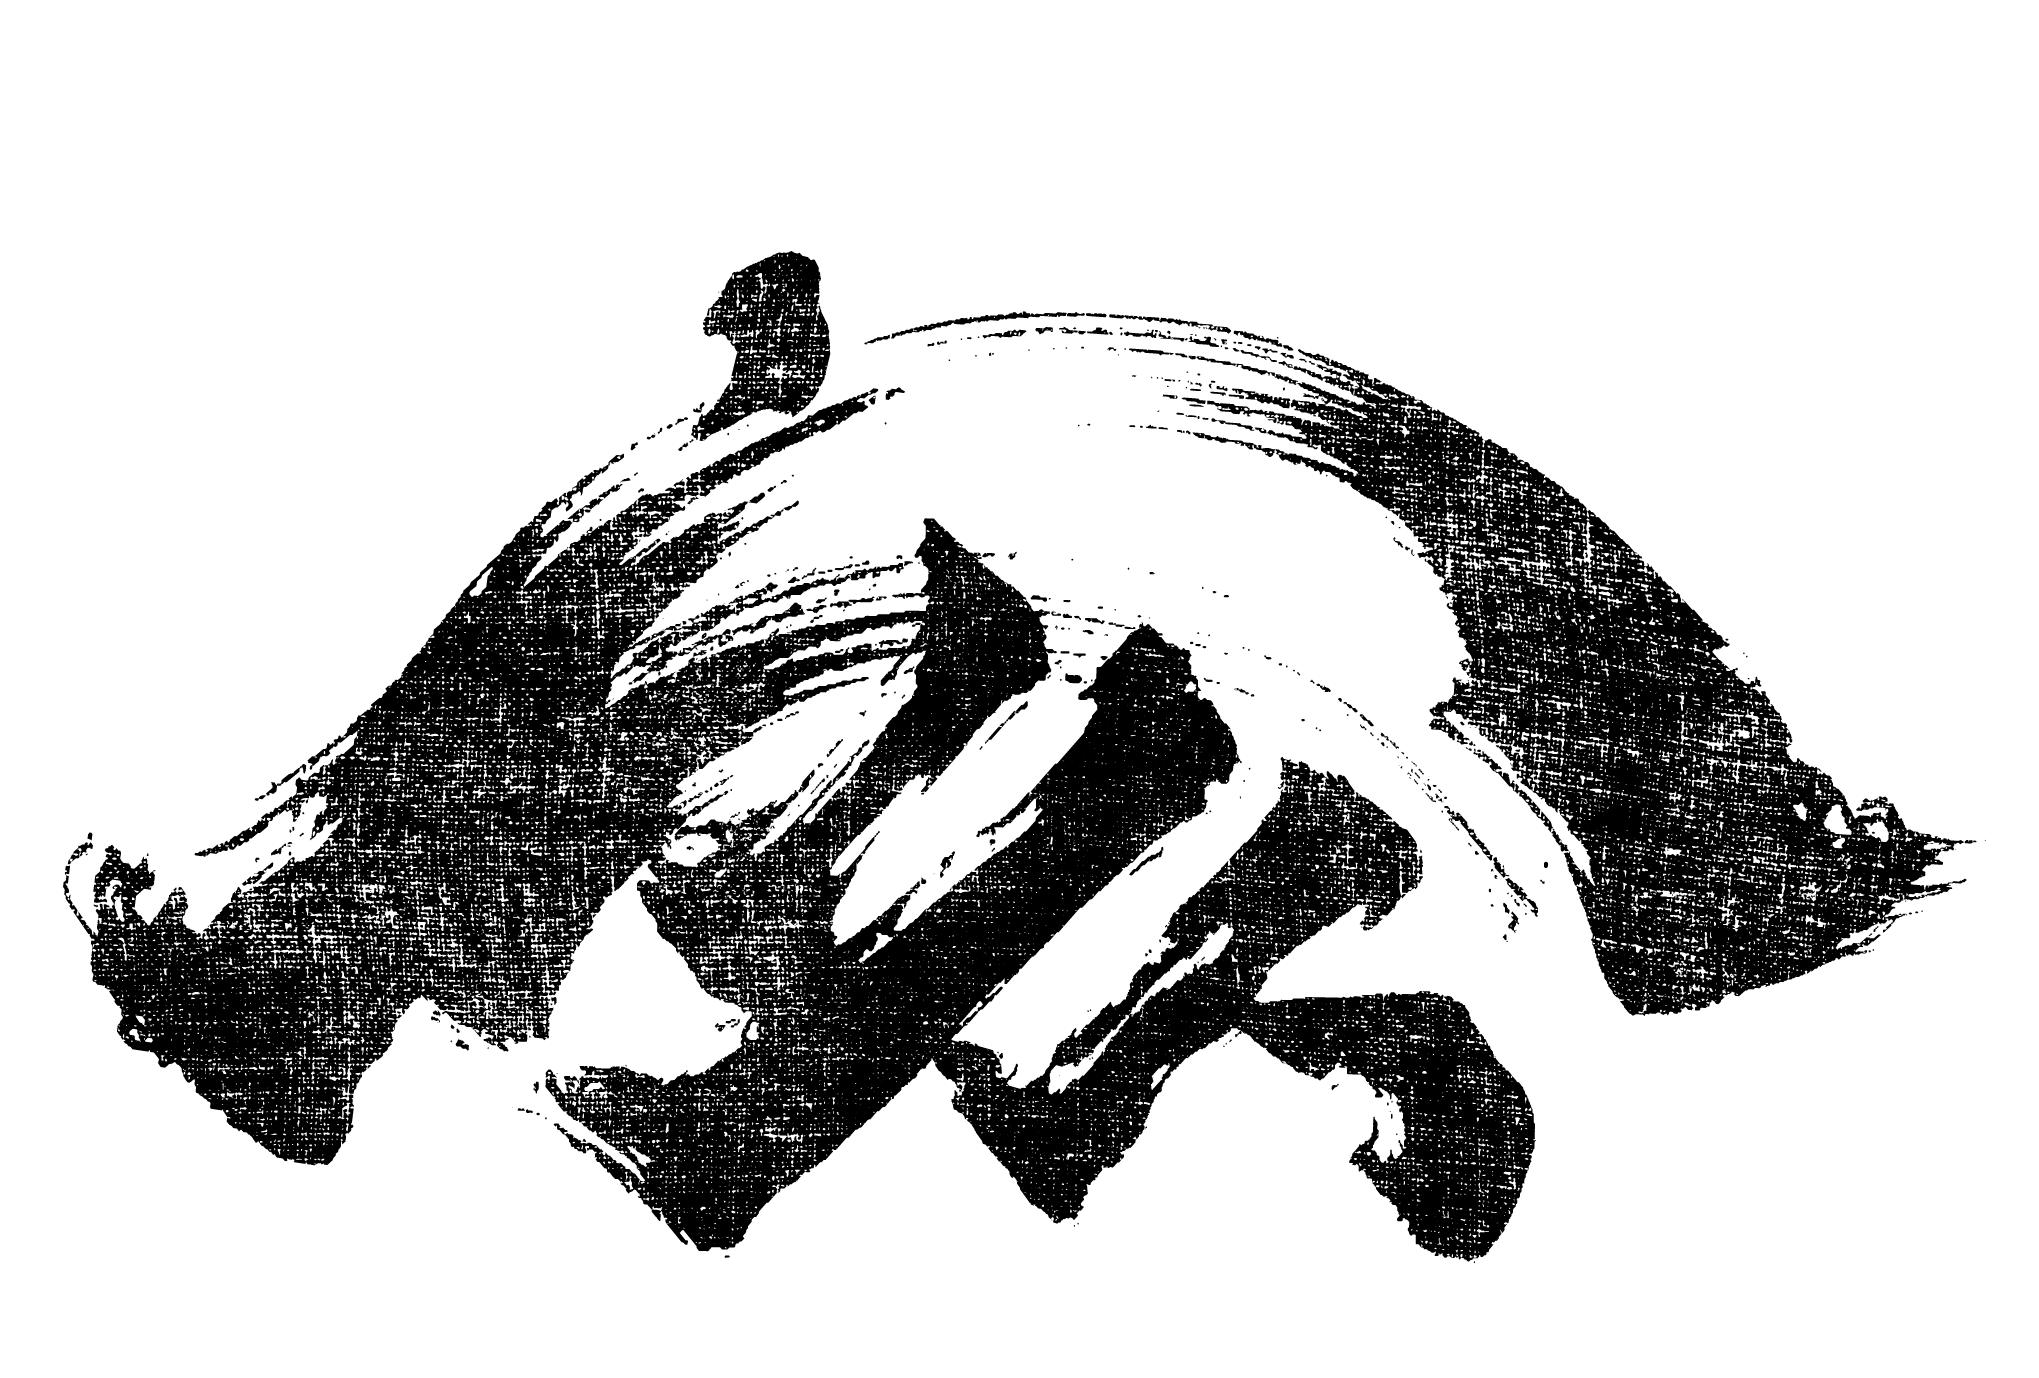 2019年賀状08-1:亥 Calligraphy(黒)横のダウンロード画像